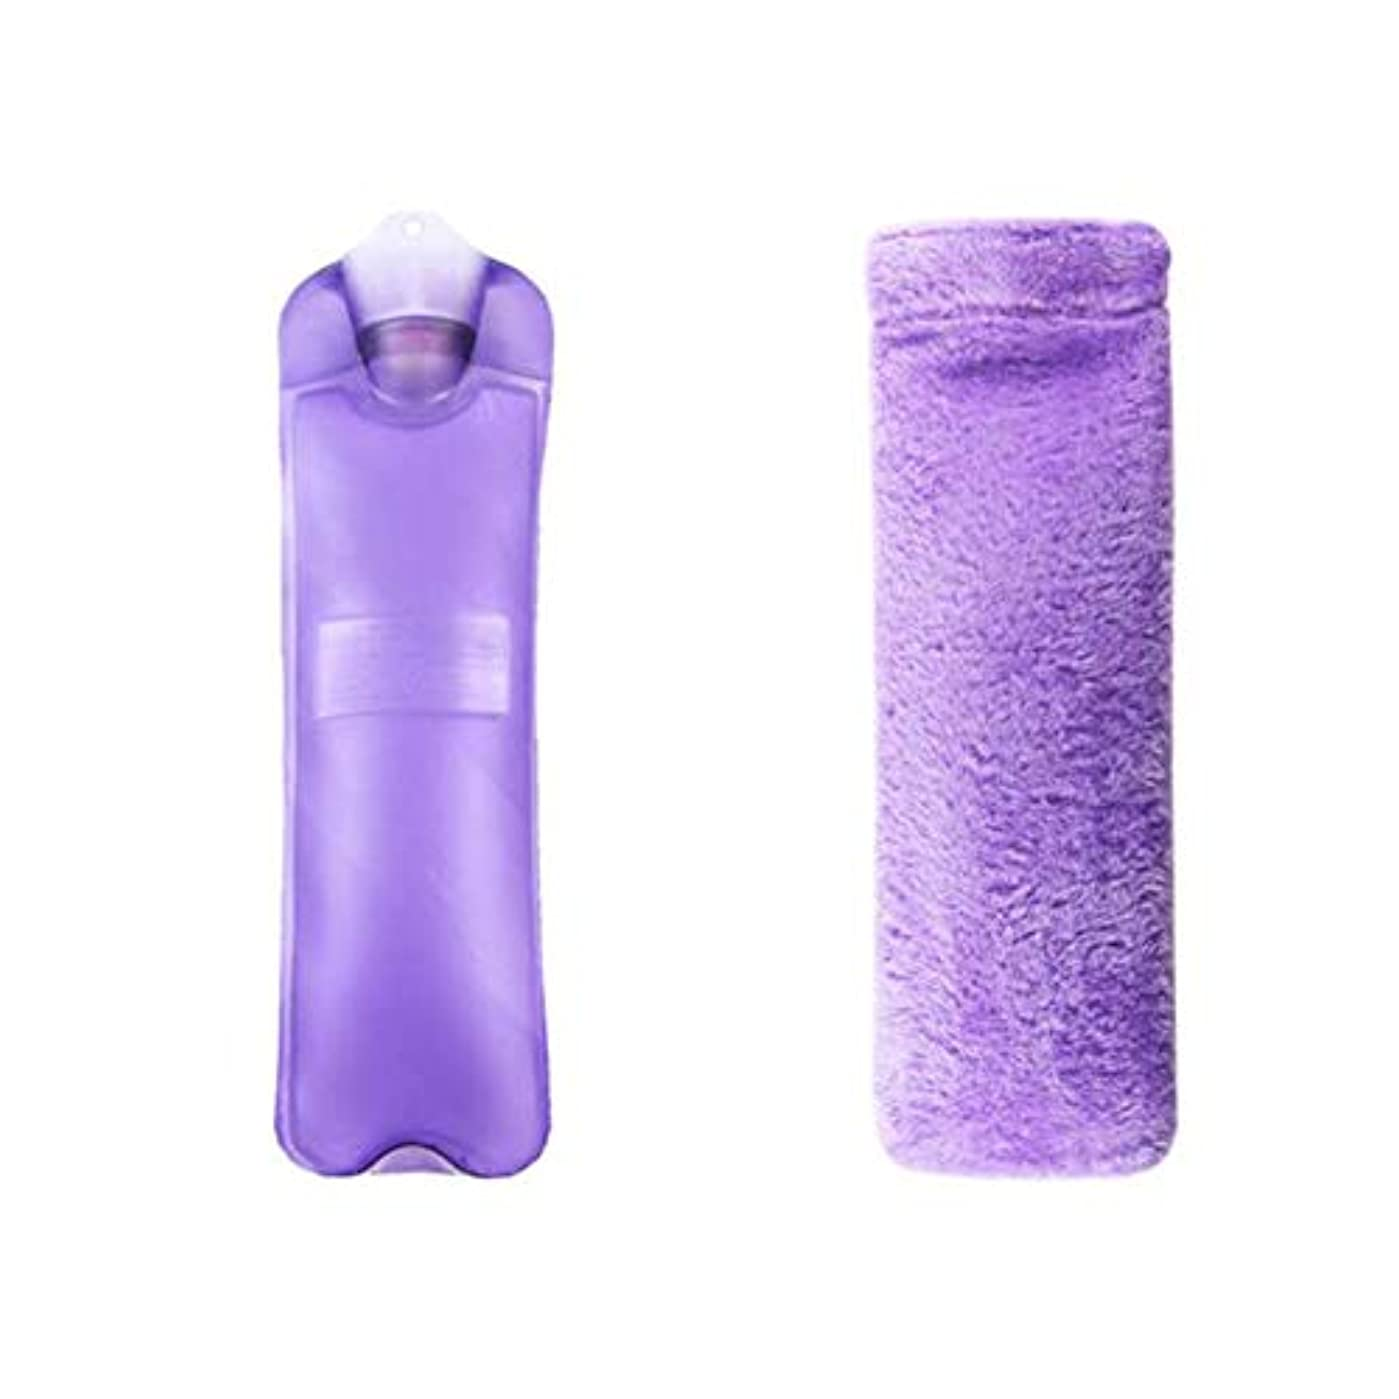 ピュー最も計算可能温水ボトル大温水ボトル2Lは冬に暖かく保ちます